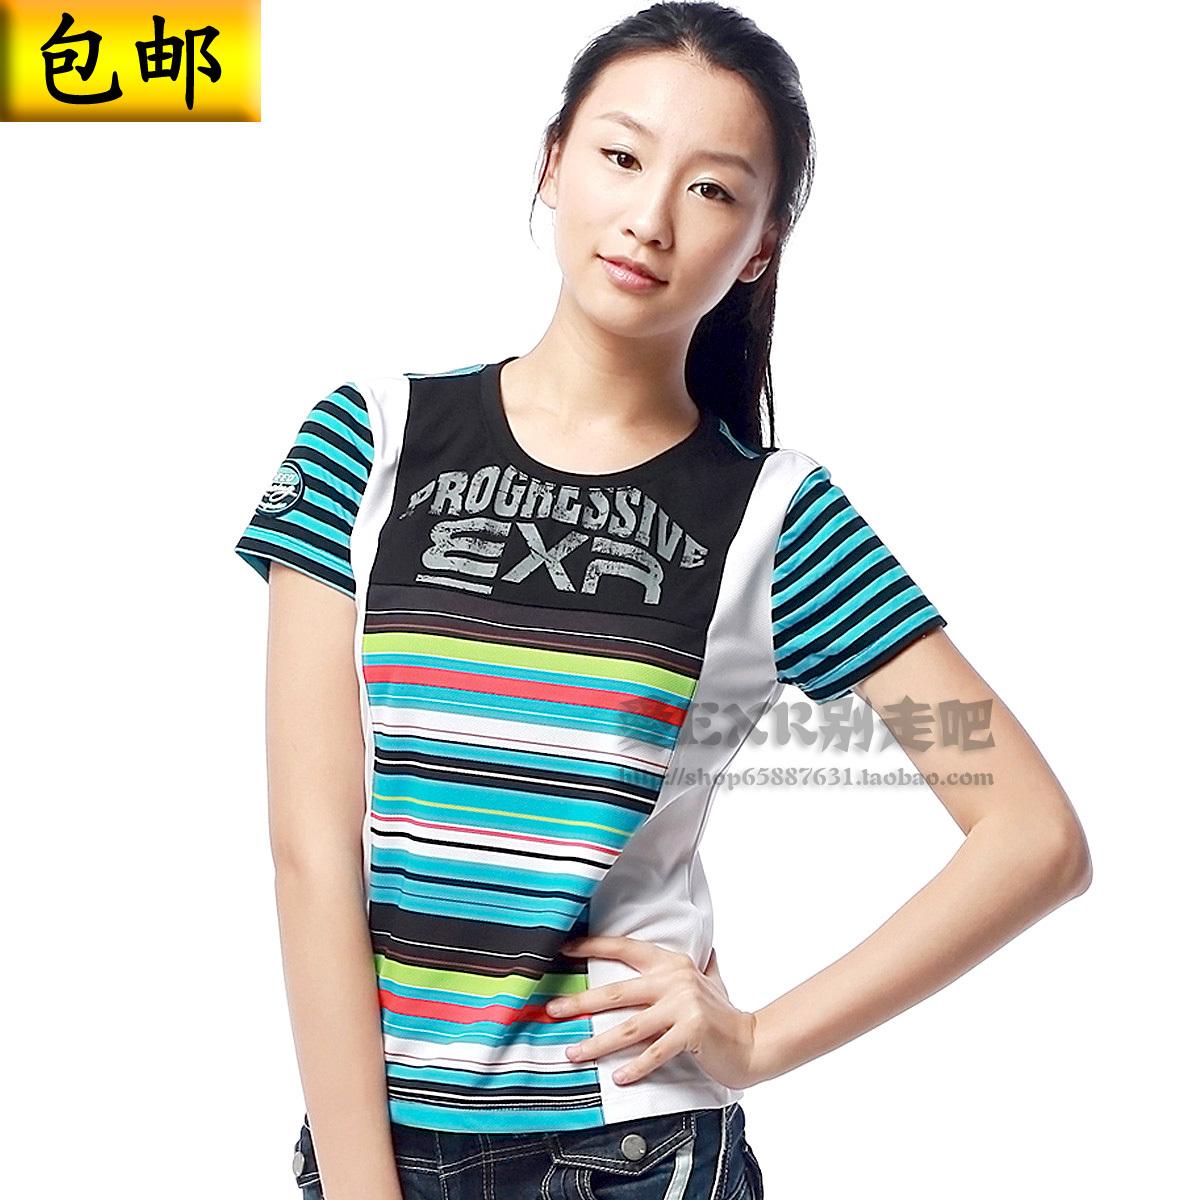 Спортивная футболка EXR 0172b 12 172 Стандартный Воротник-стойка Полиэстер Спорт и отдых Влагопоглощающая функция, Защита от UV, Быстросохнущие, Ультралегкий, Воздухопроницаемые, Суперэластичность Линейная, С логотипом бренда, Дизайн, С надписями